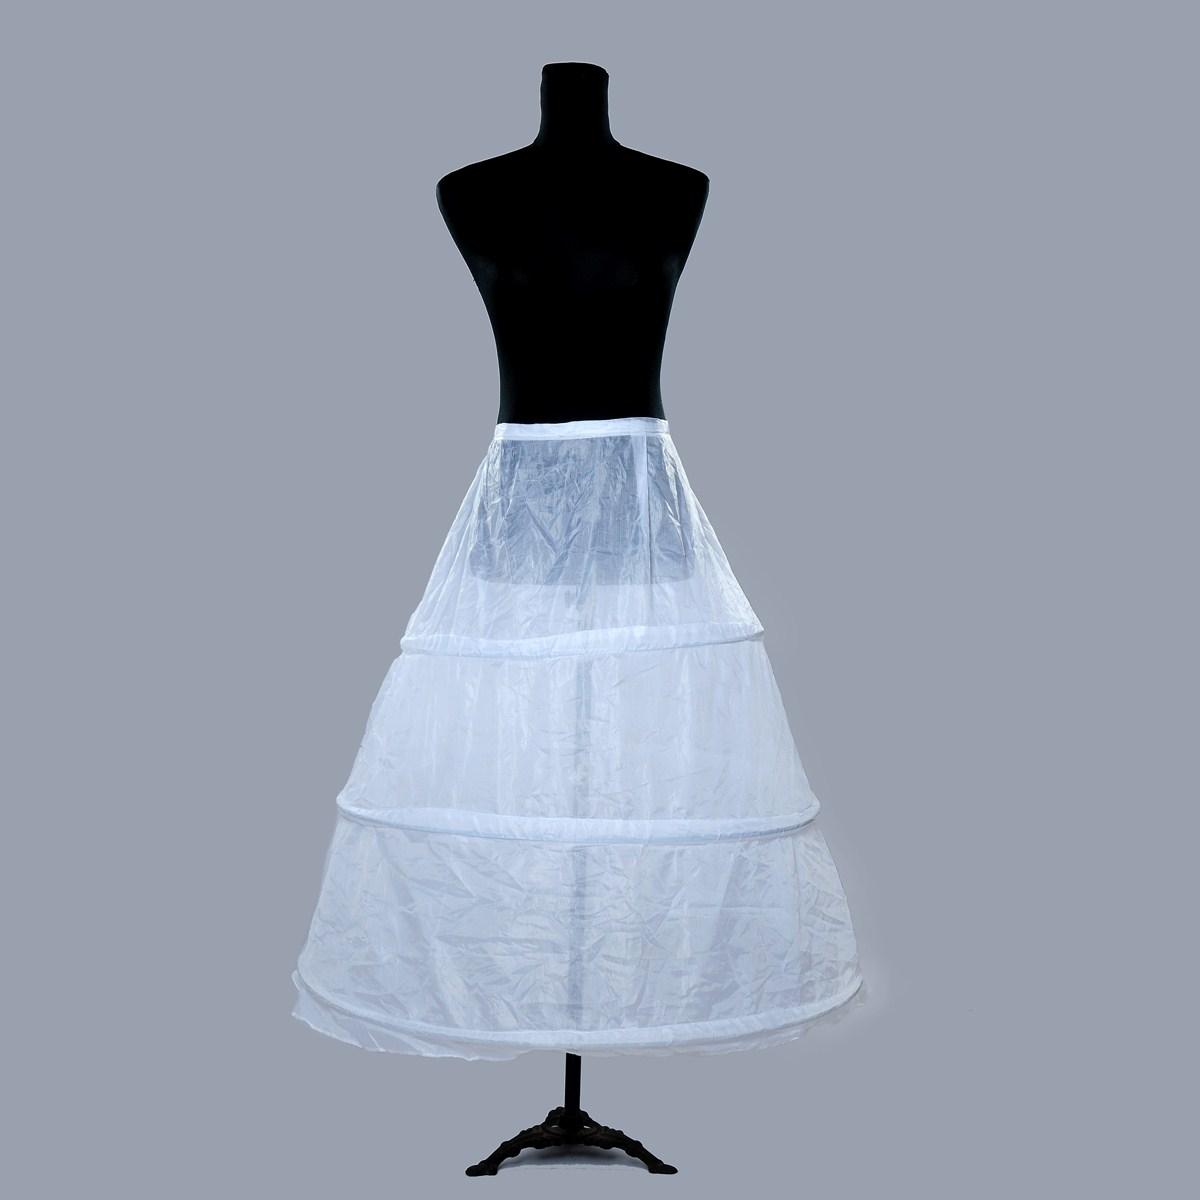 思嫁婚纱礼服 三圈裙撑